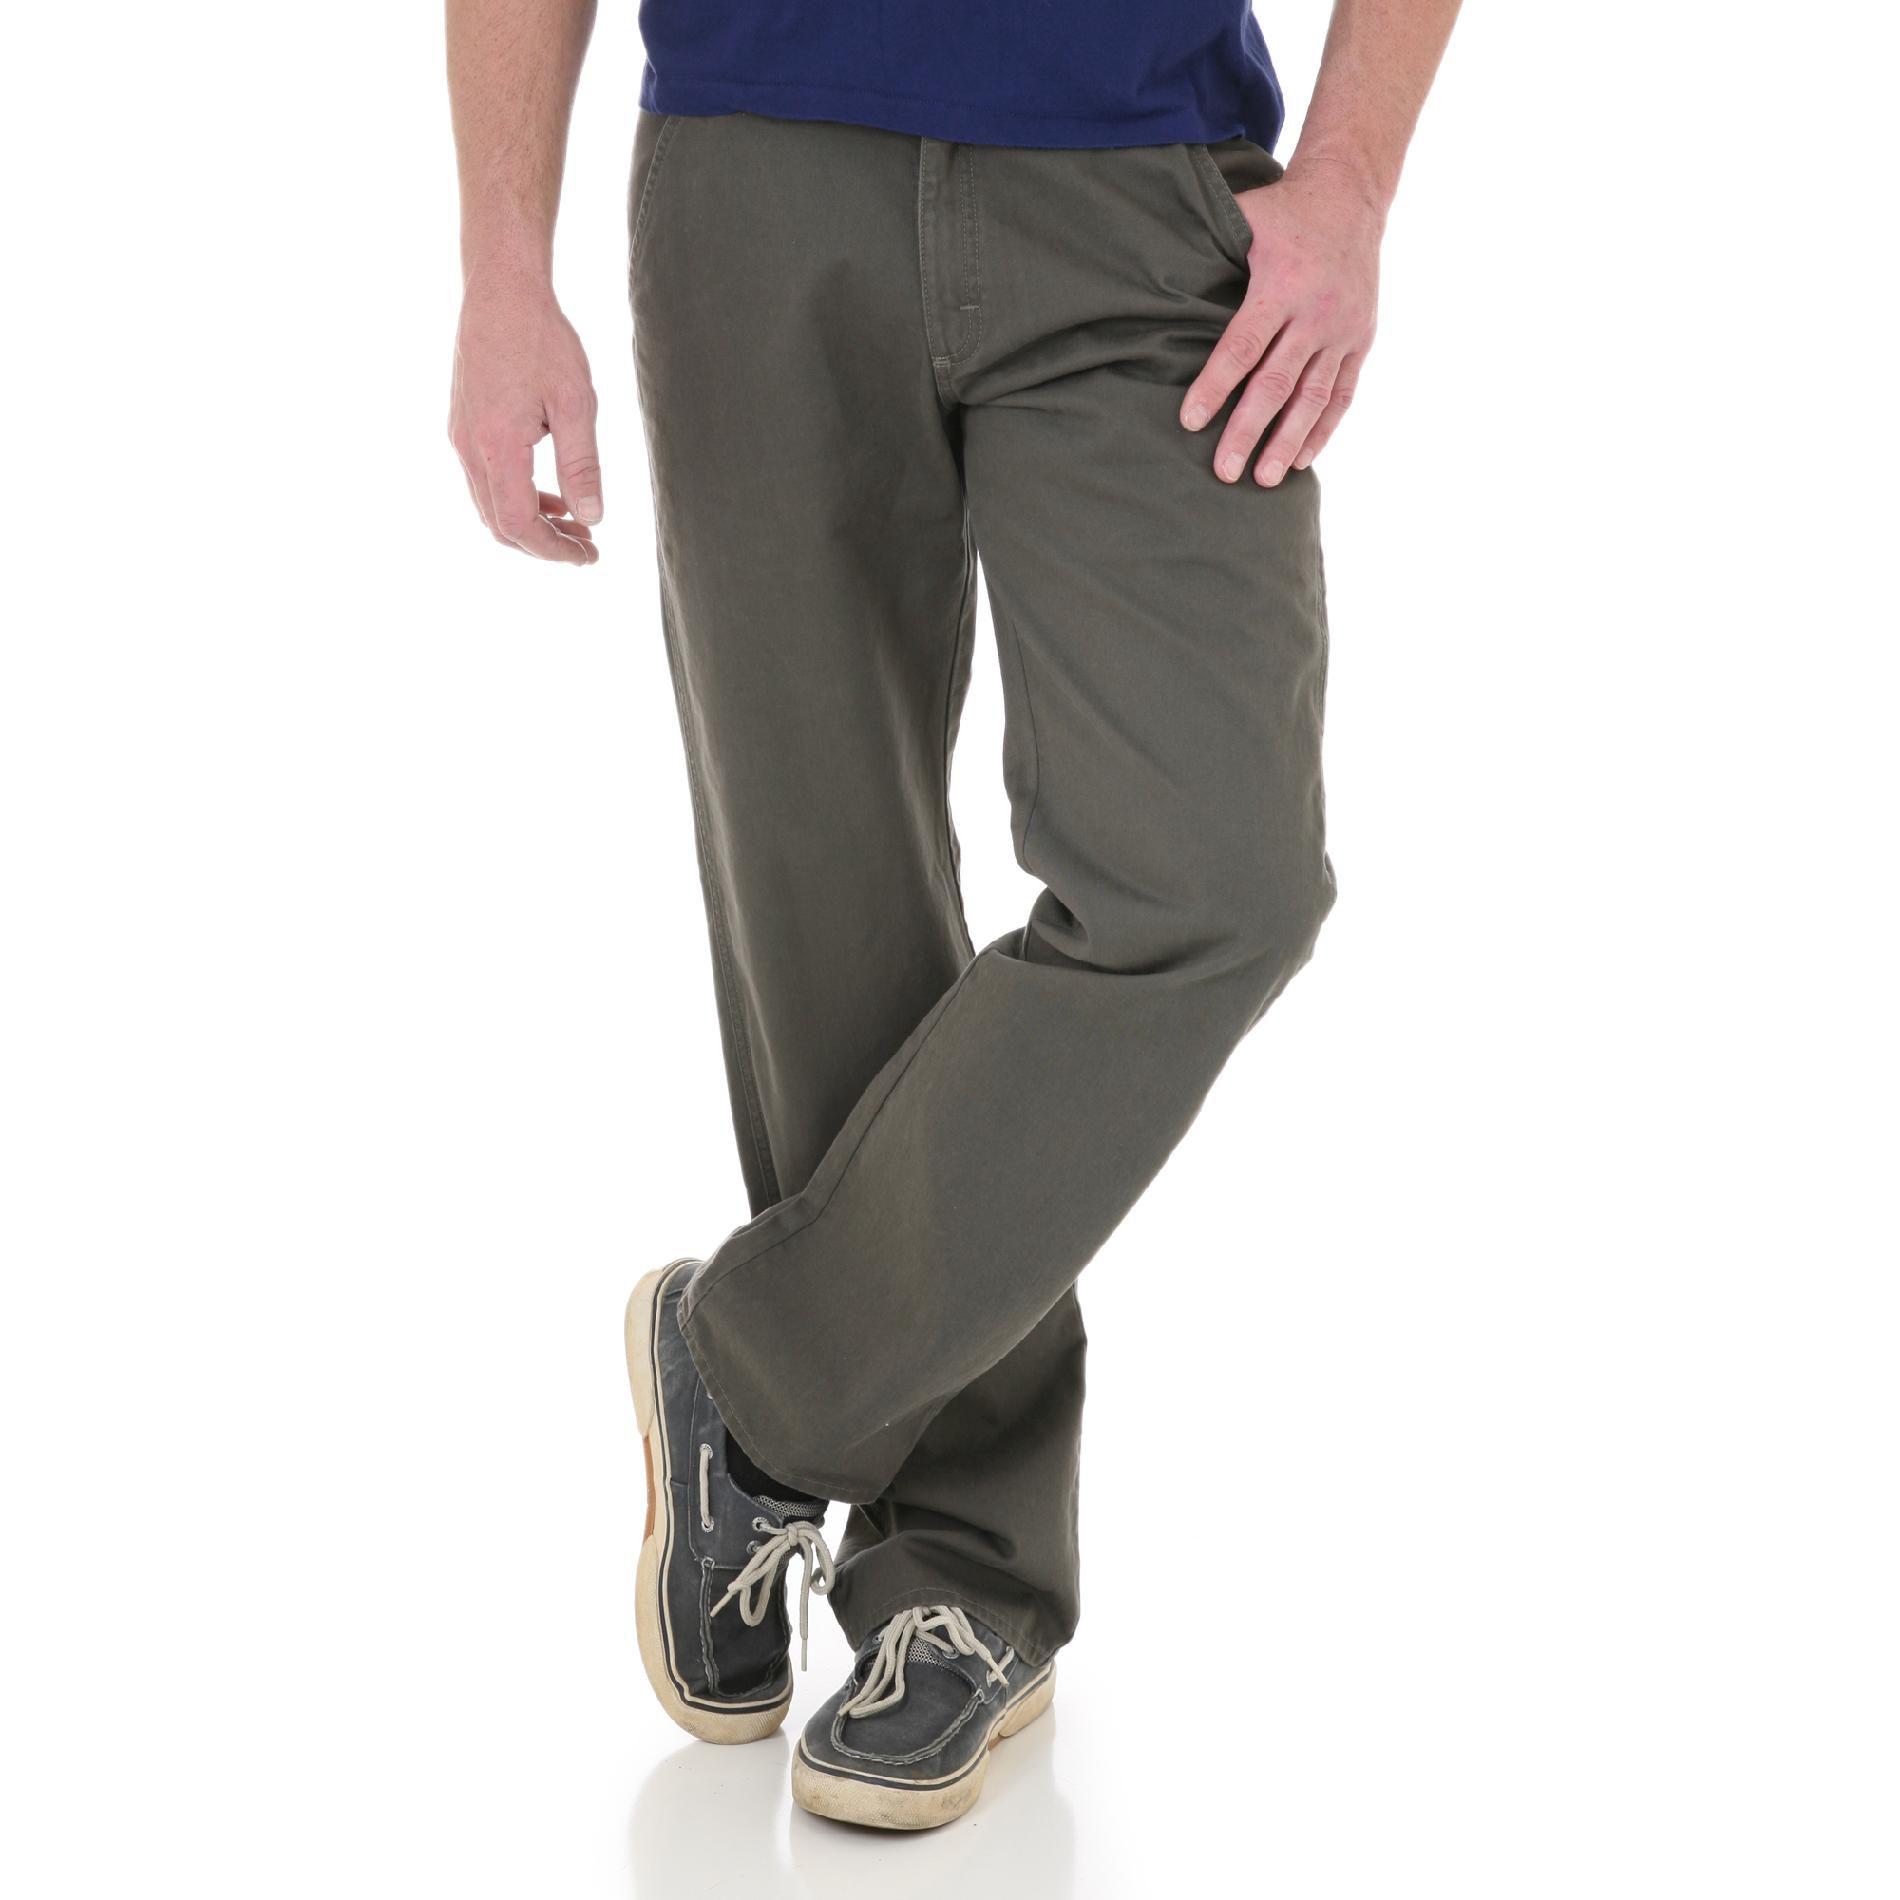 Wrangler Men's Olive Pants at Kmart.com